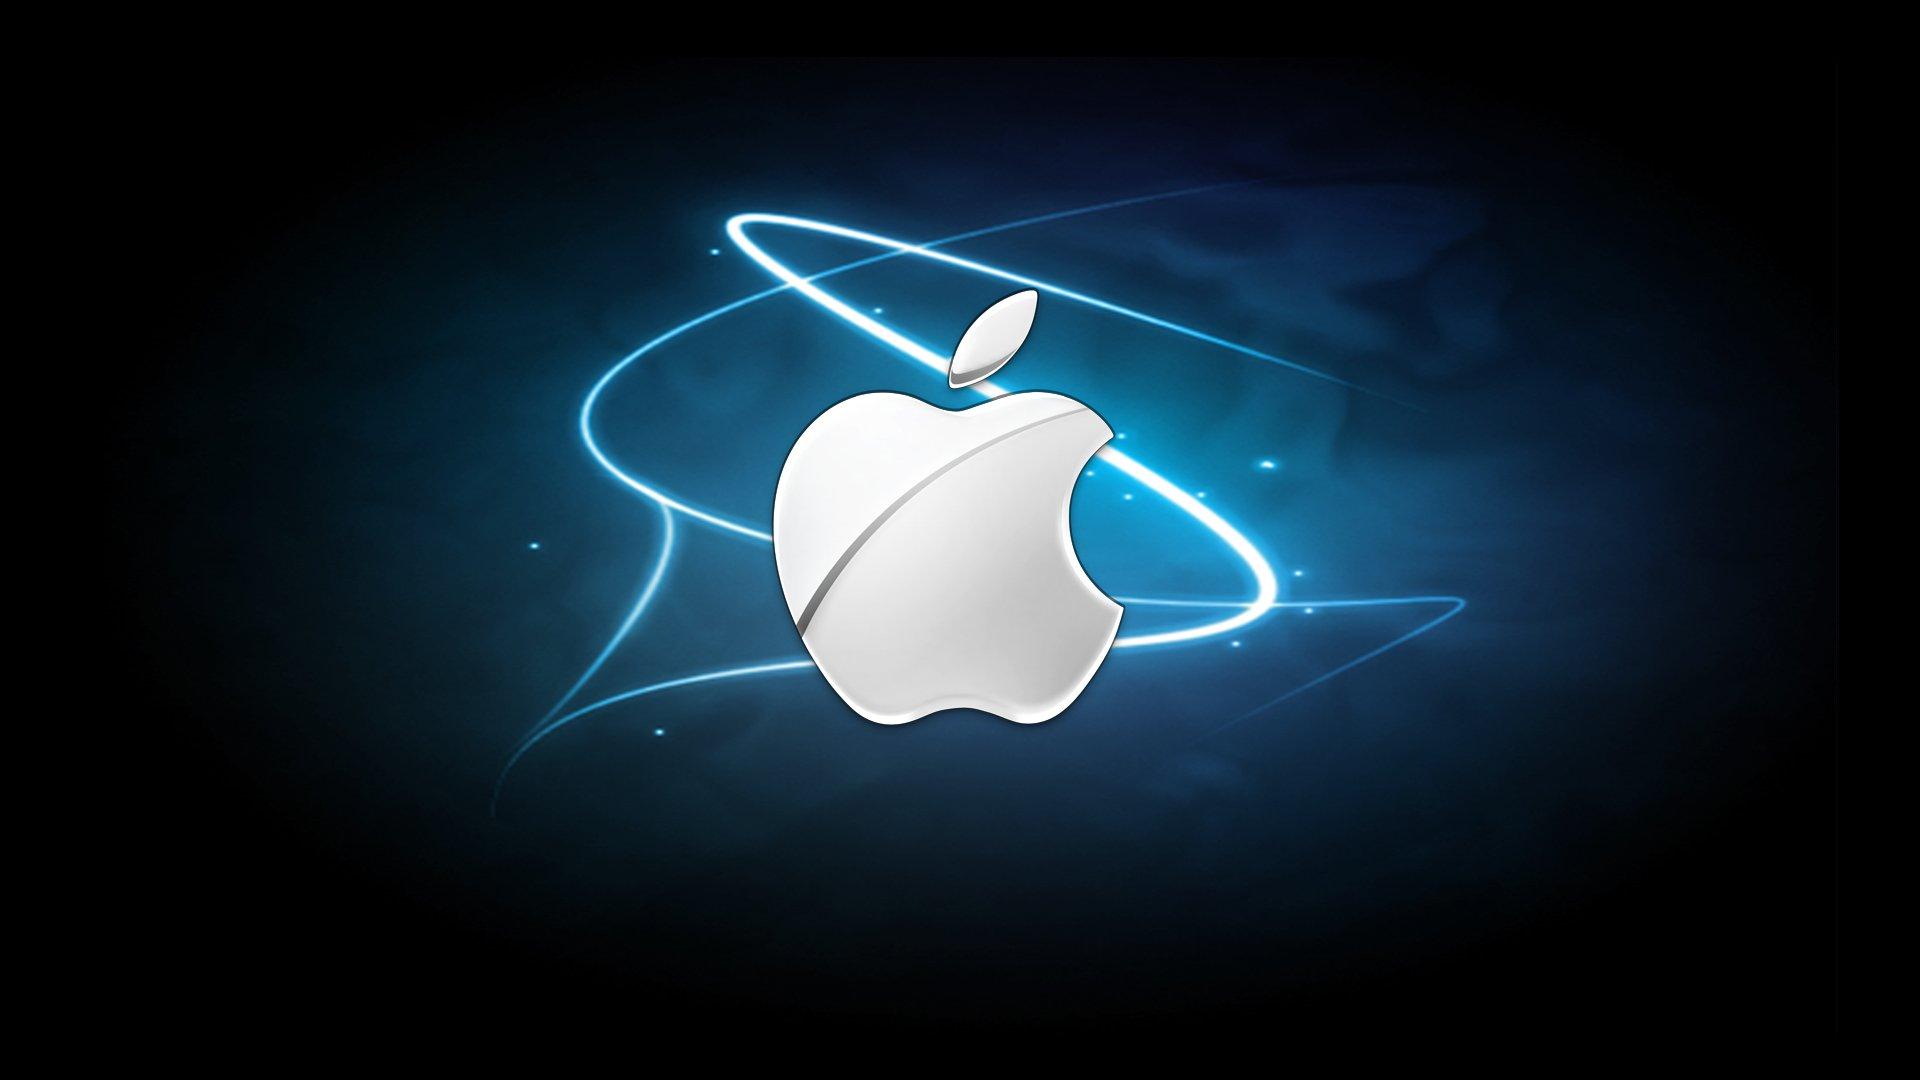 apple logo wallpapers the smarter storytelling blog